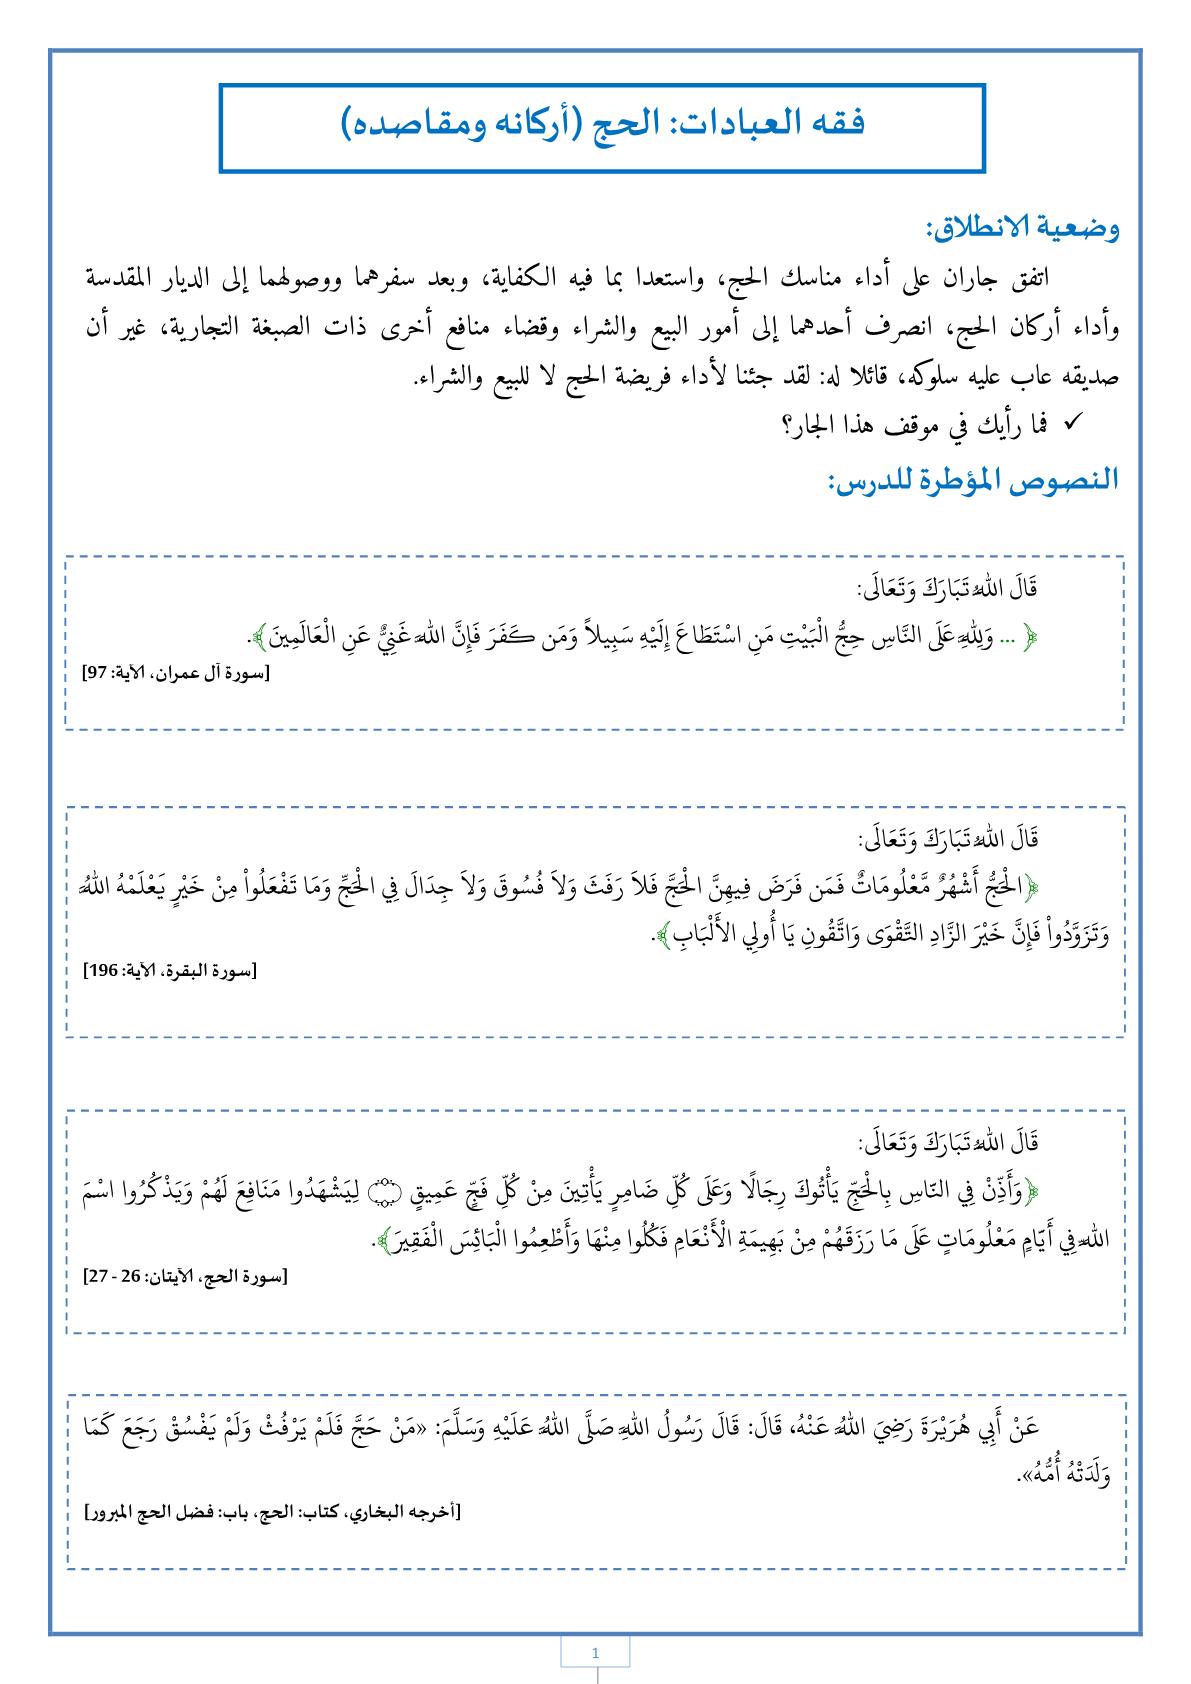 درس فقه العبادات: الحج أركانه ومقاصده للجذع المشترك